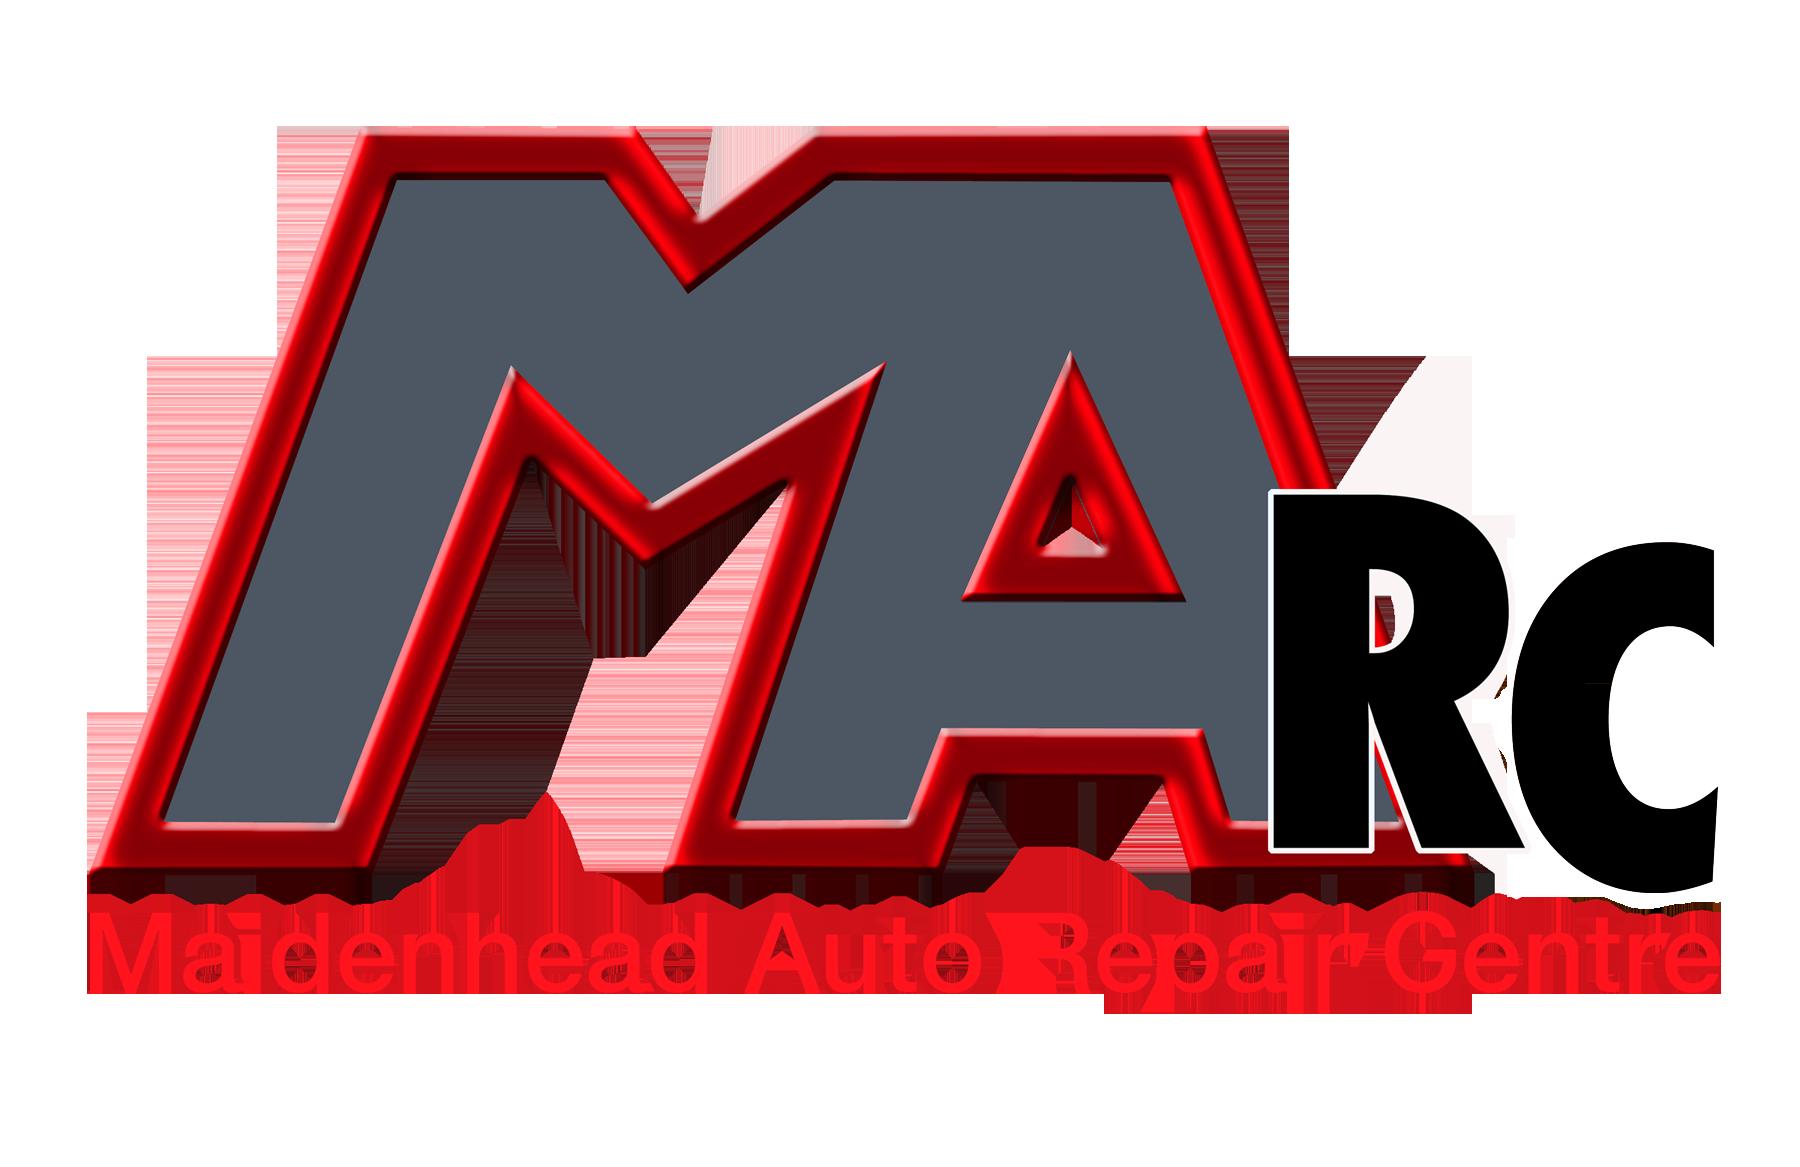 Maidenhead Auto Repair Centre